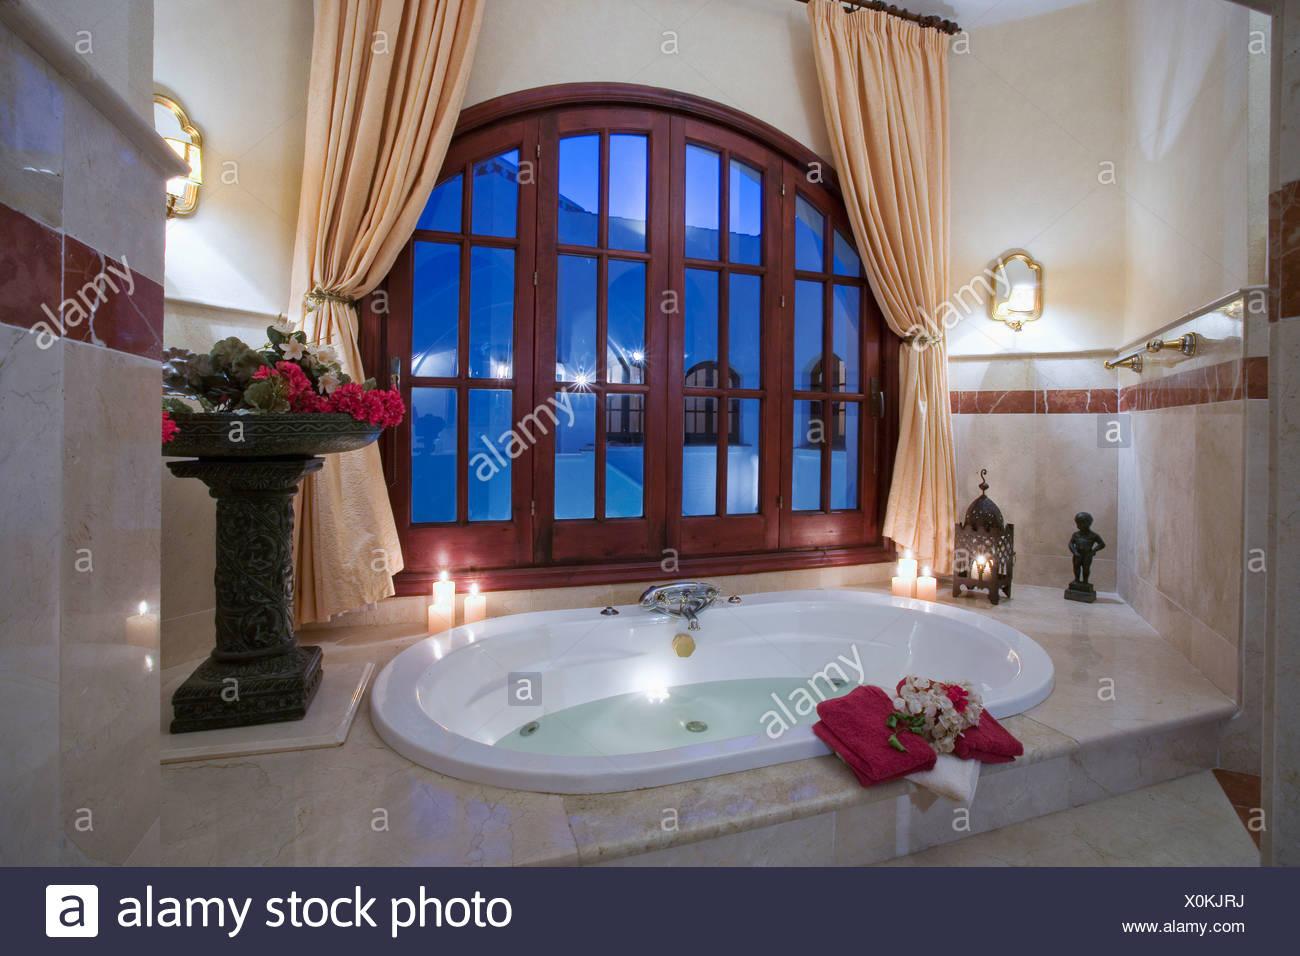 Vasca Da Bagno Sotto Finestra : Le candele accese sul rivestimento della vasca ovale sotto la grande